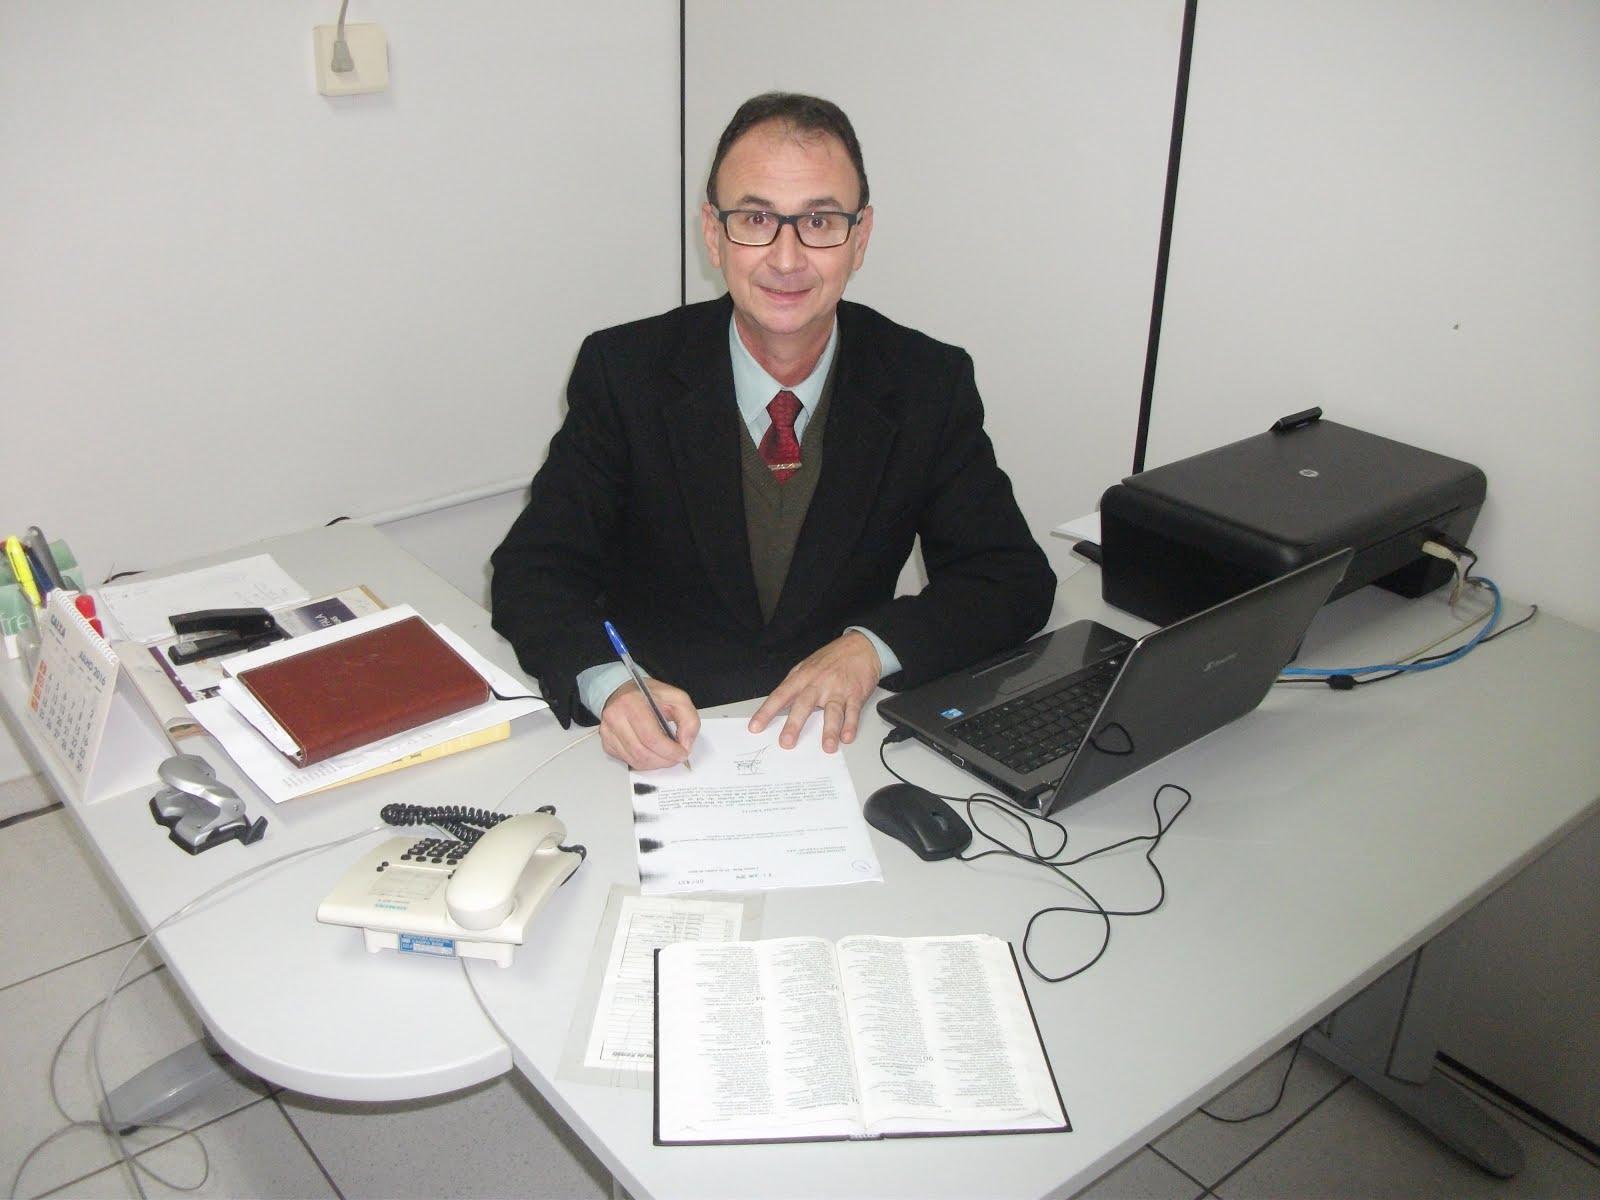 VEREADOR PEDE REURBANIZAÇÃO DO CAMPO DO CATLÉIA